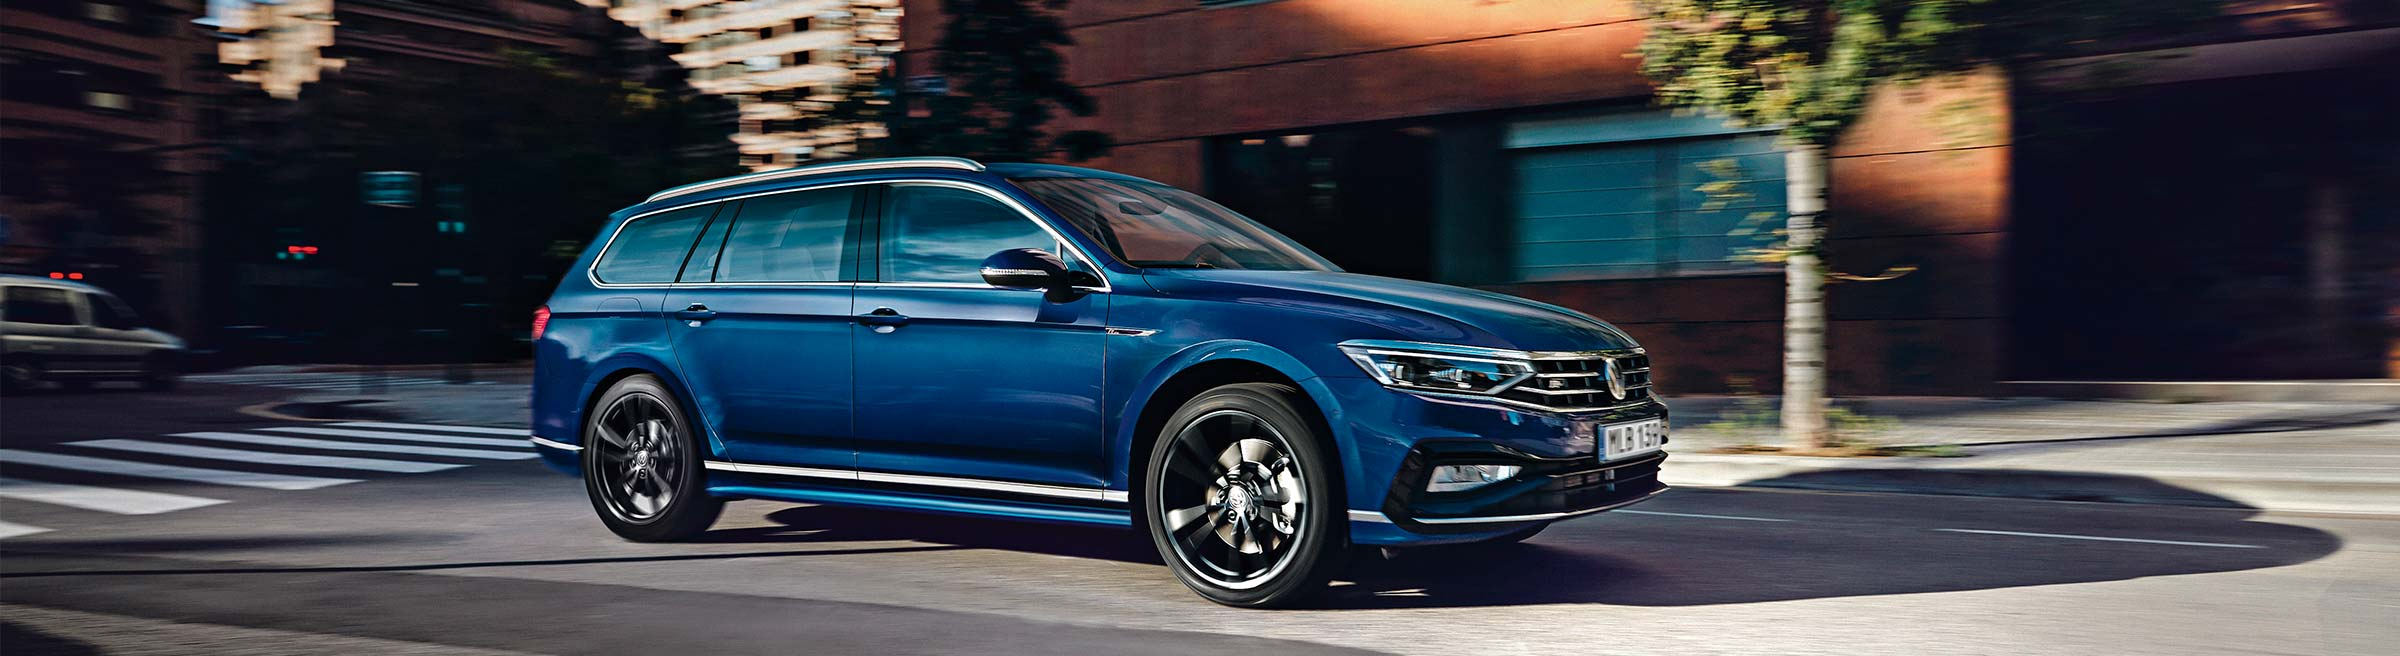 Volkswagen nya Passat hos Toveks Bil